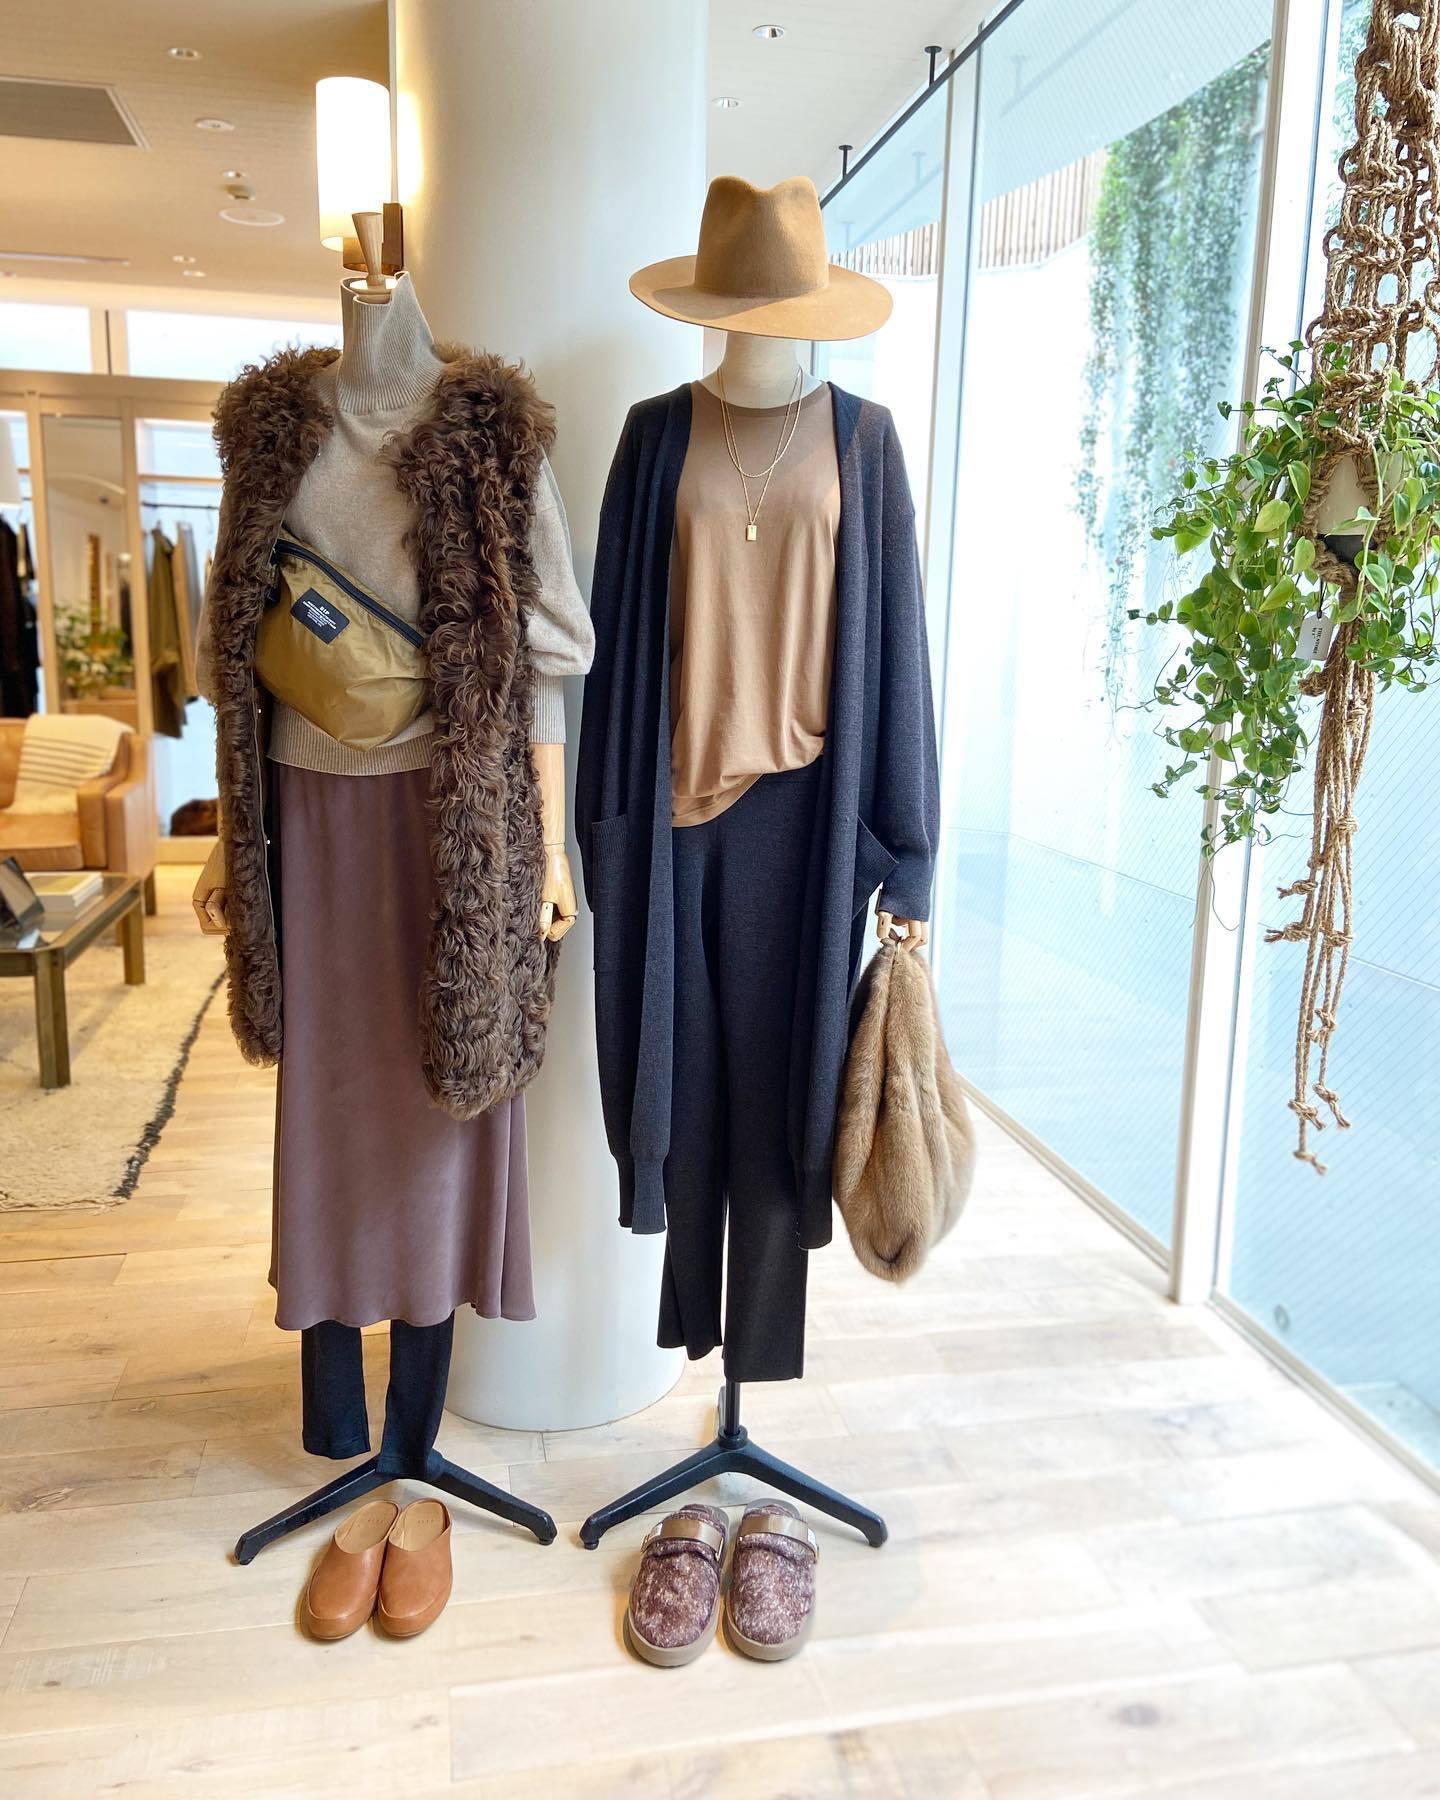 秋冬ファッションが楽しみ♪上質素材&おしゃれ感たっぷりなリラックススタイル_1_1